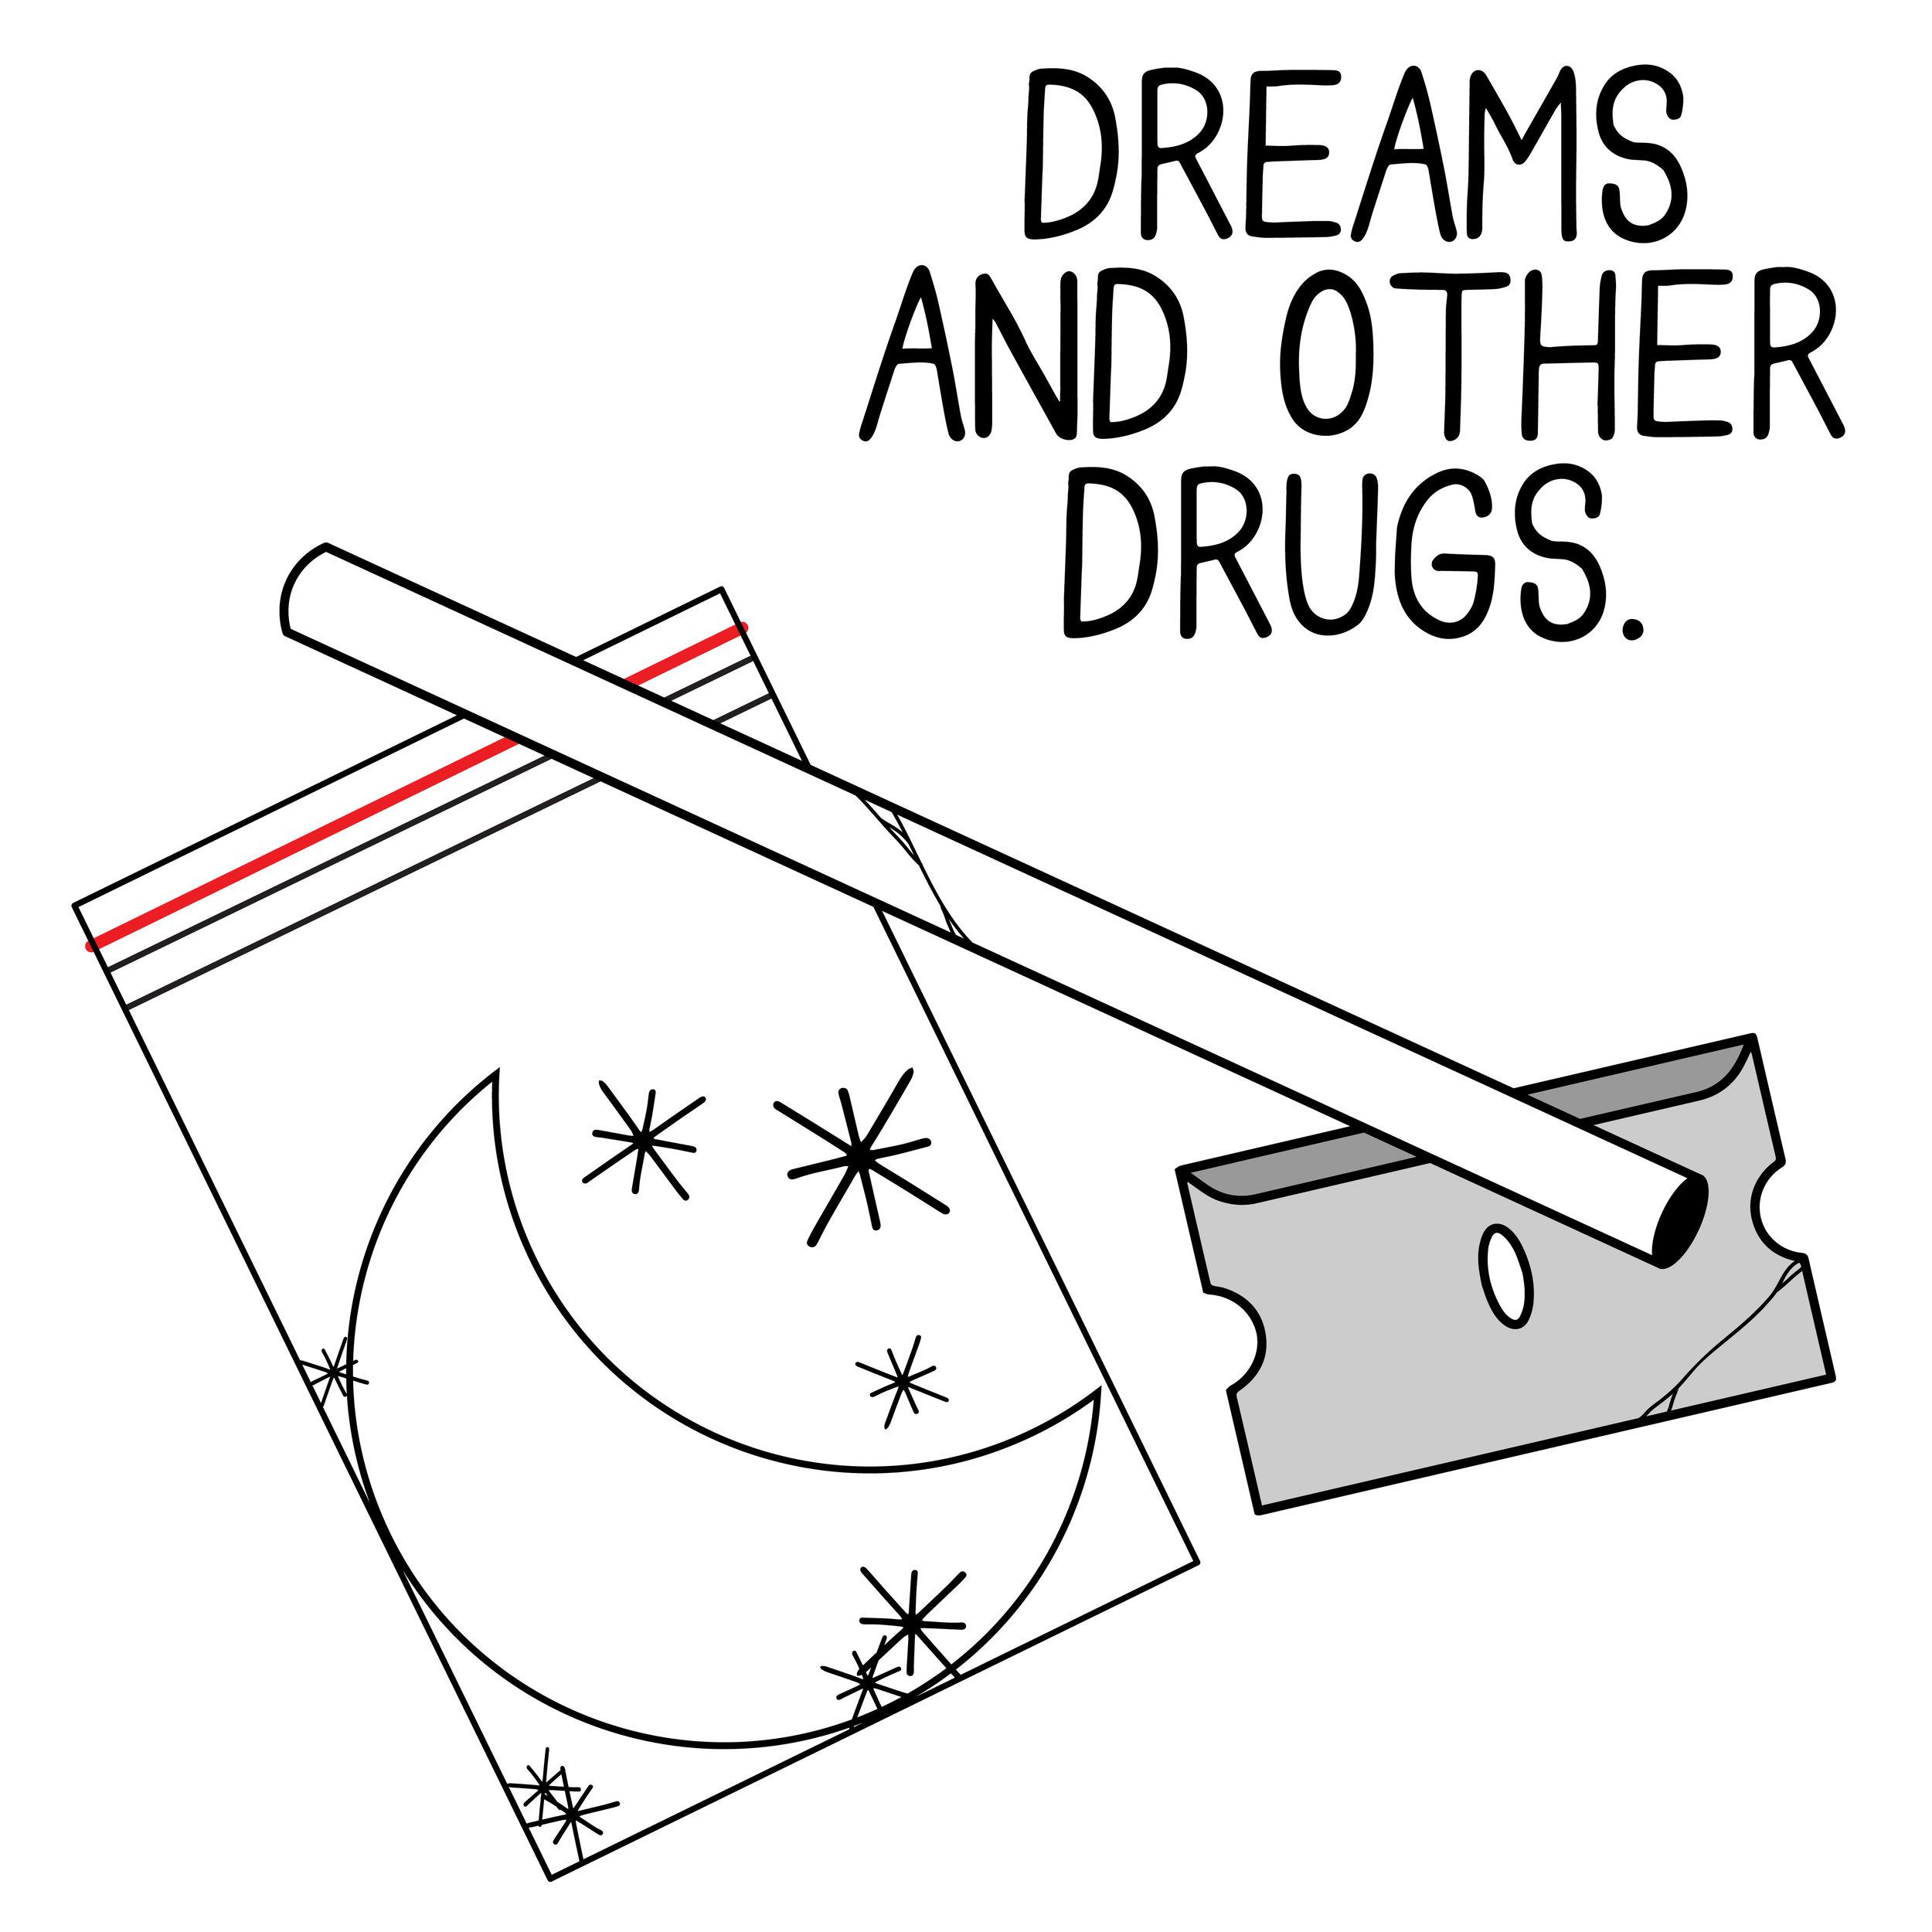 dreamsandotherdrugs-01.jpg